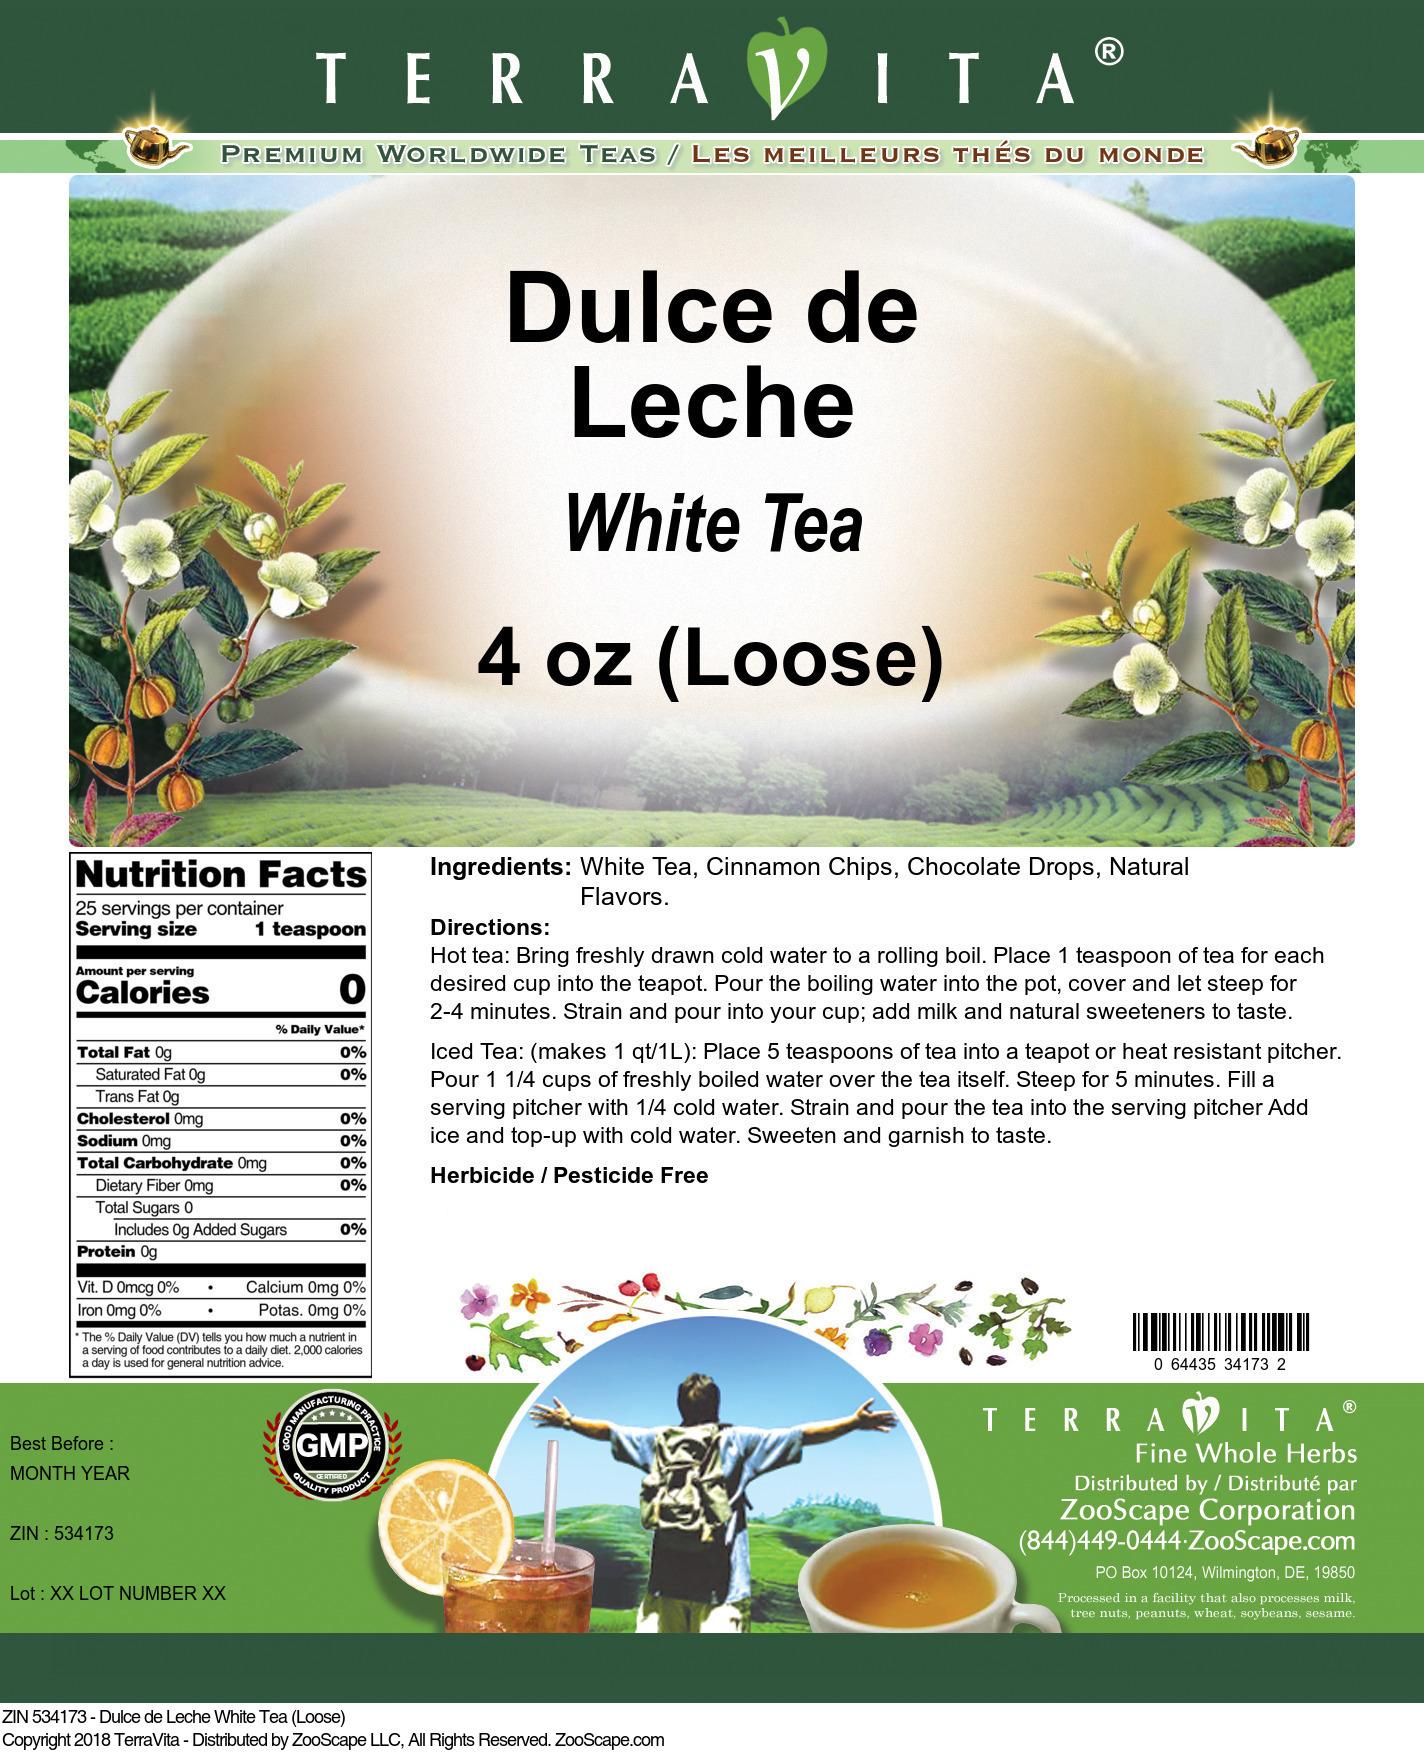 Dulce de Leche White Tea